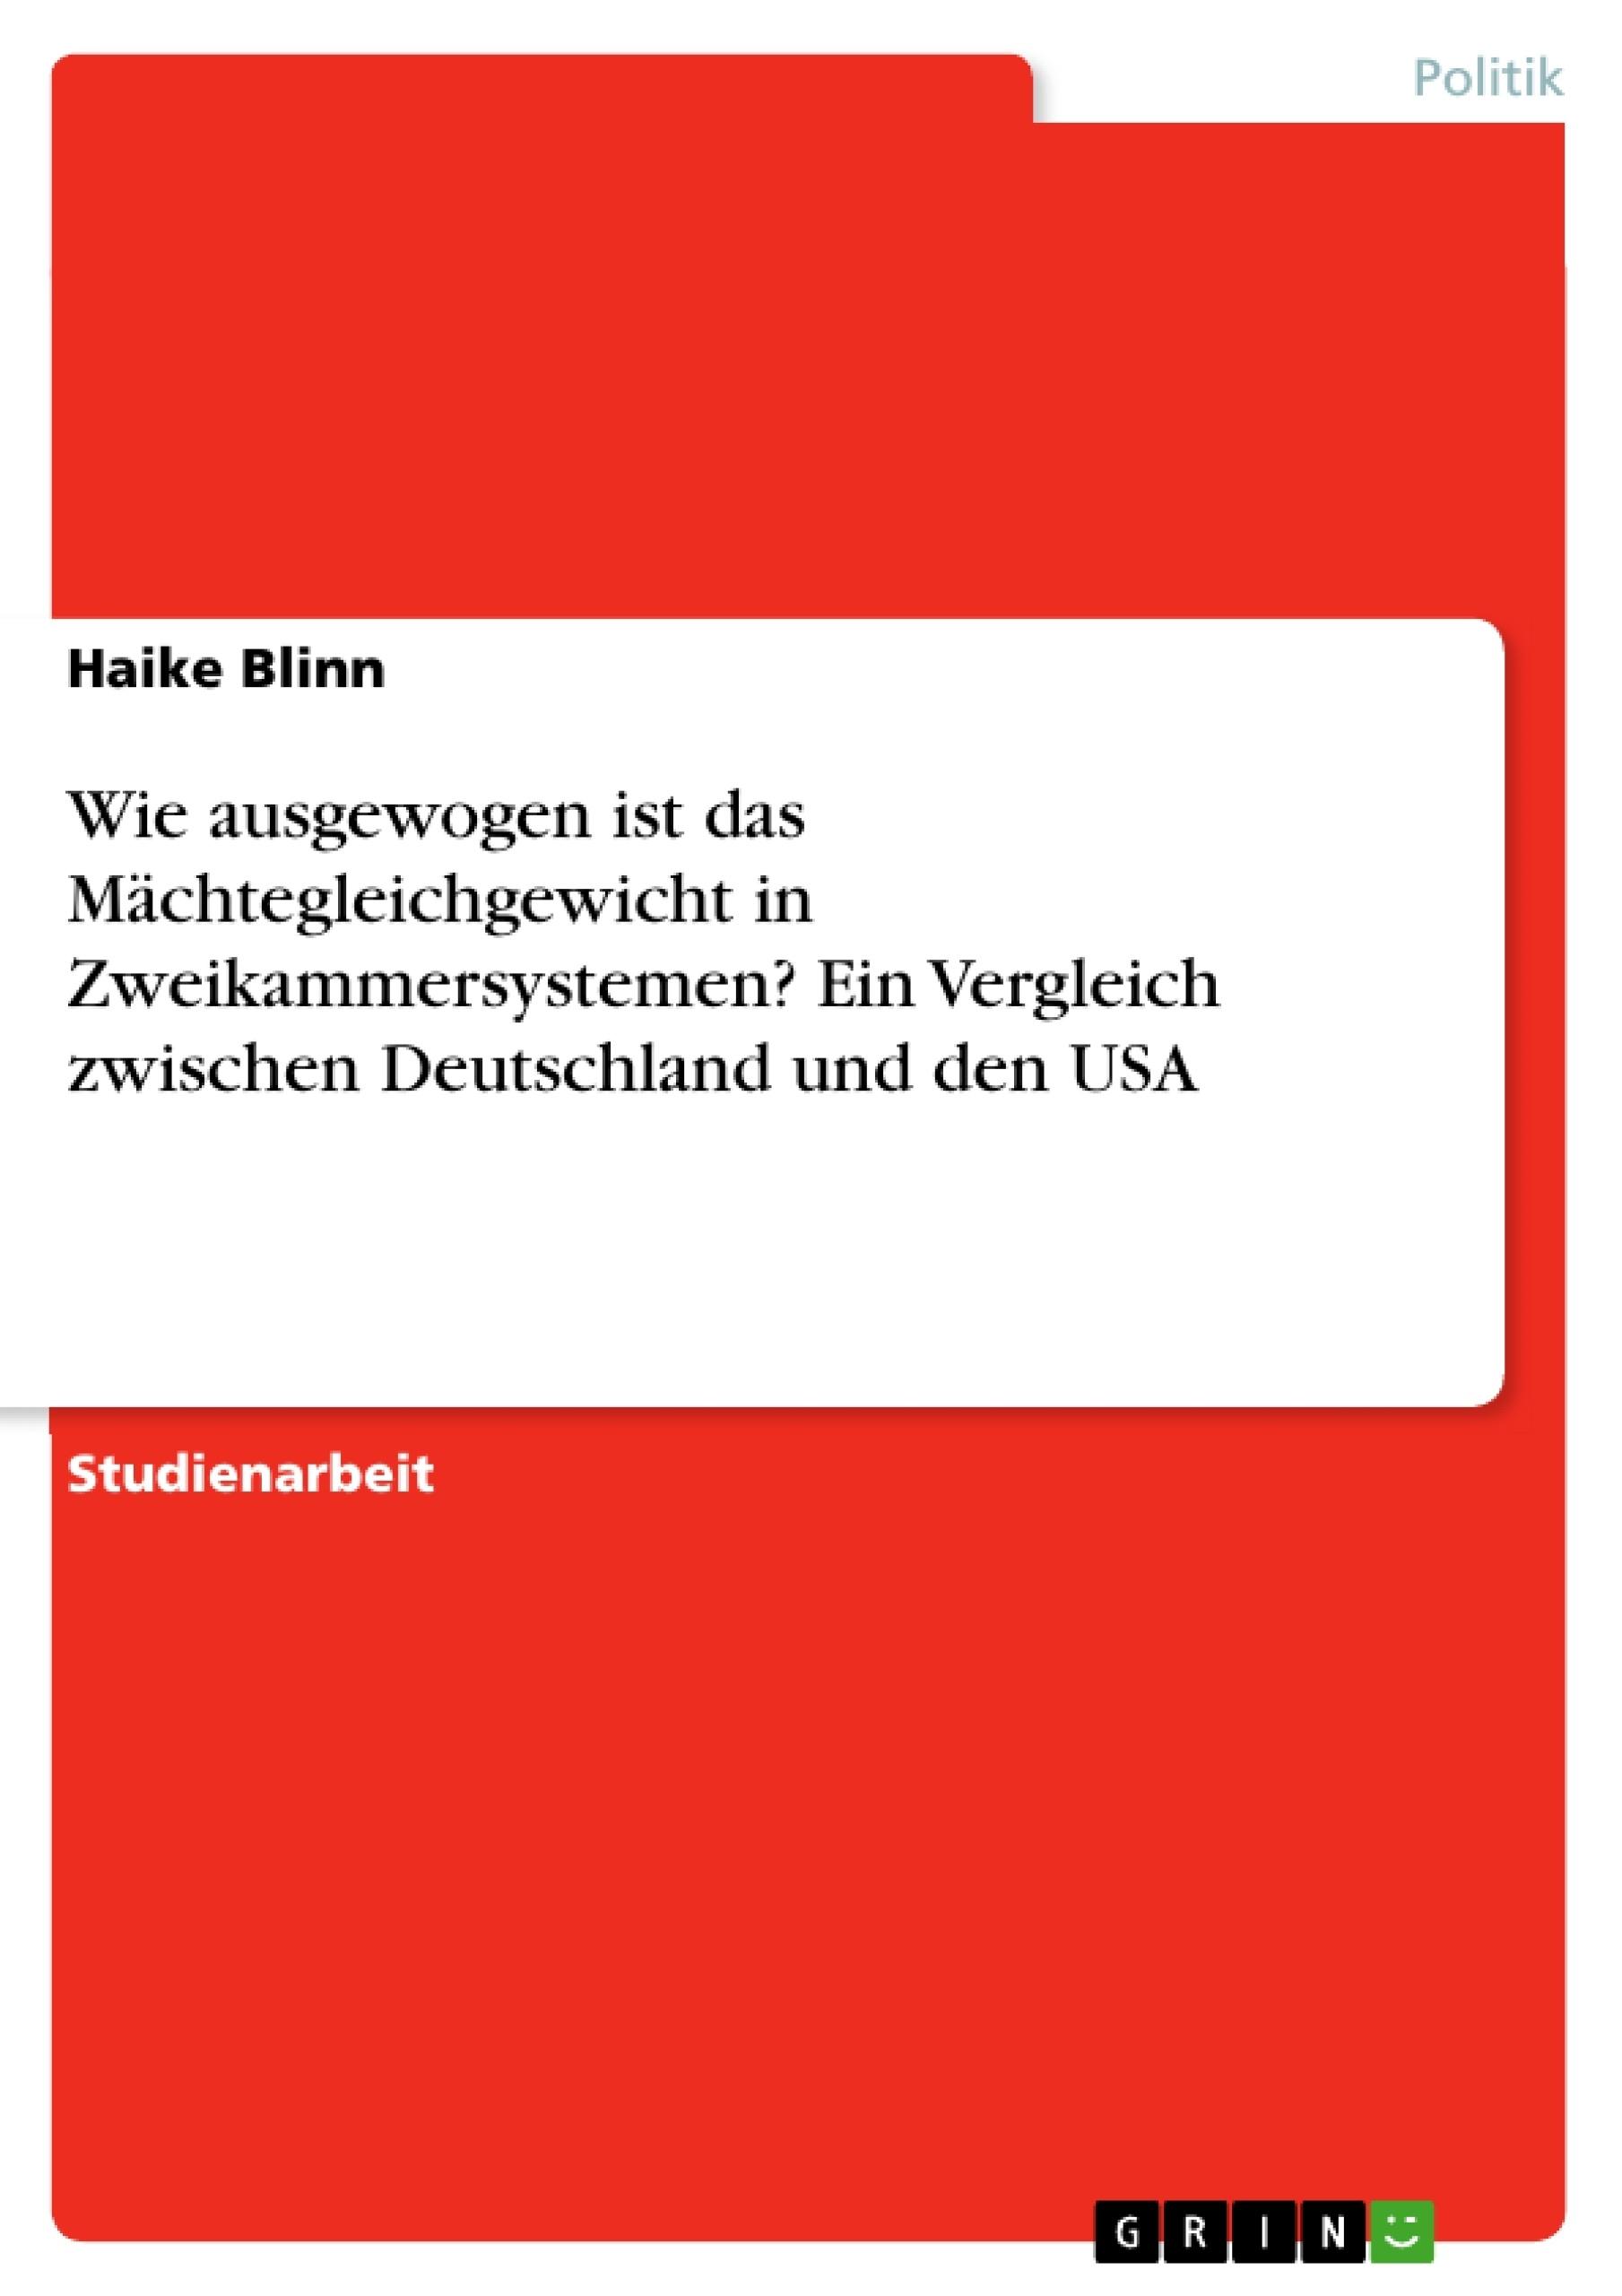 Titel: Wie ausgewogen ist das Mächtegleichgewicht in Zweikammersystemen? Ein Vergleich zwischen Deutschland und den USA